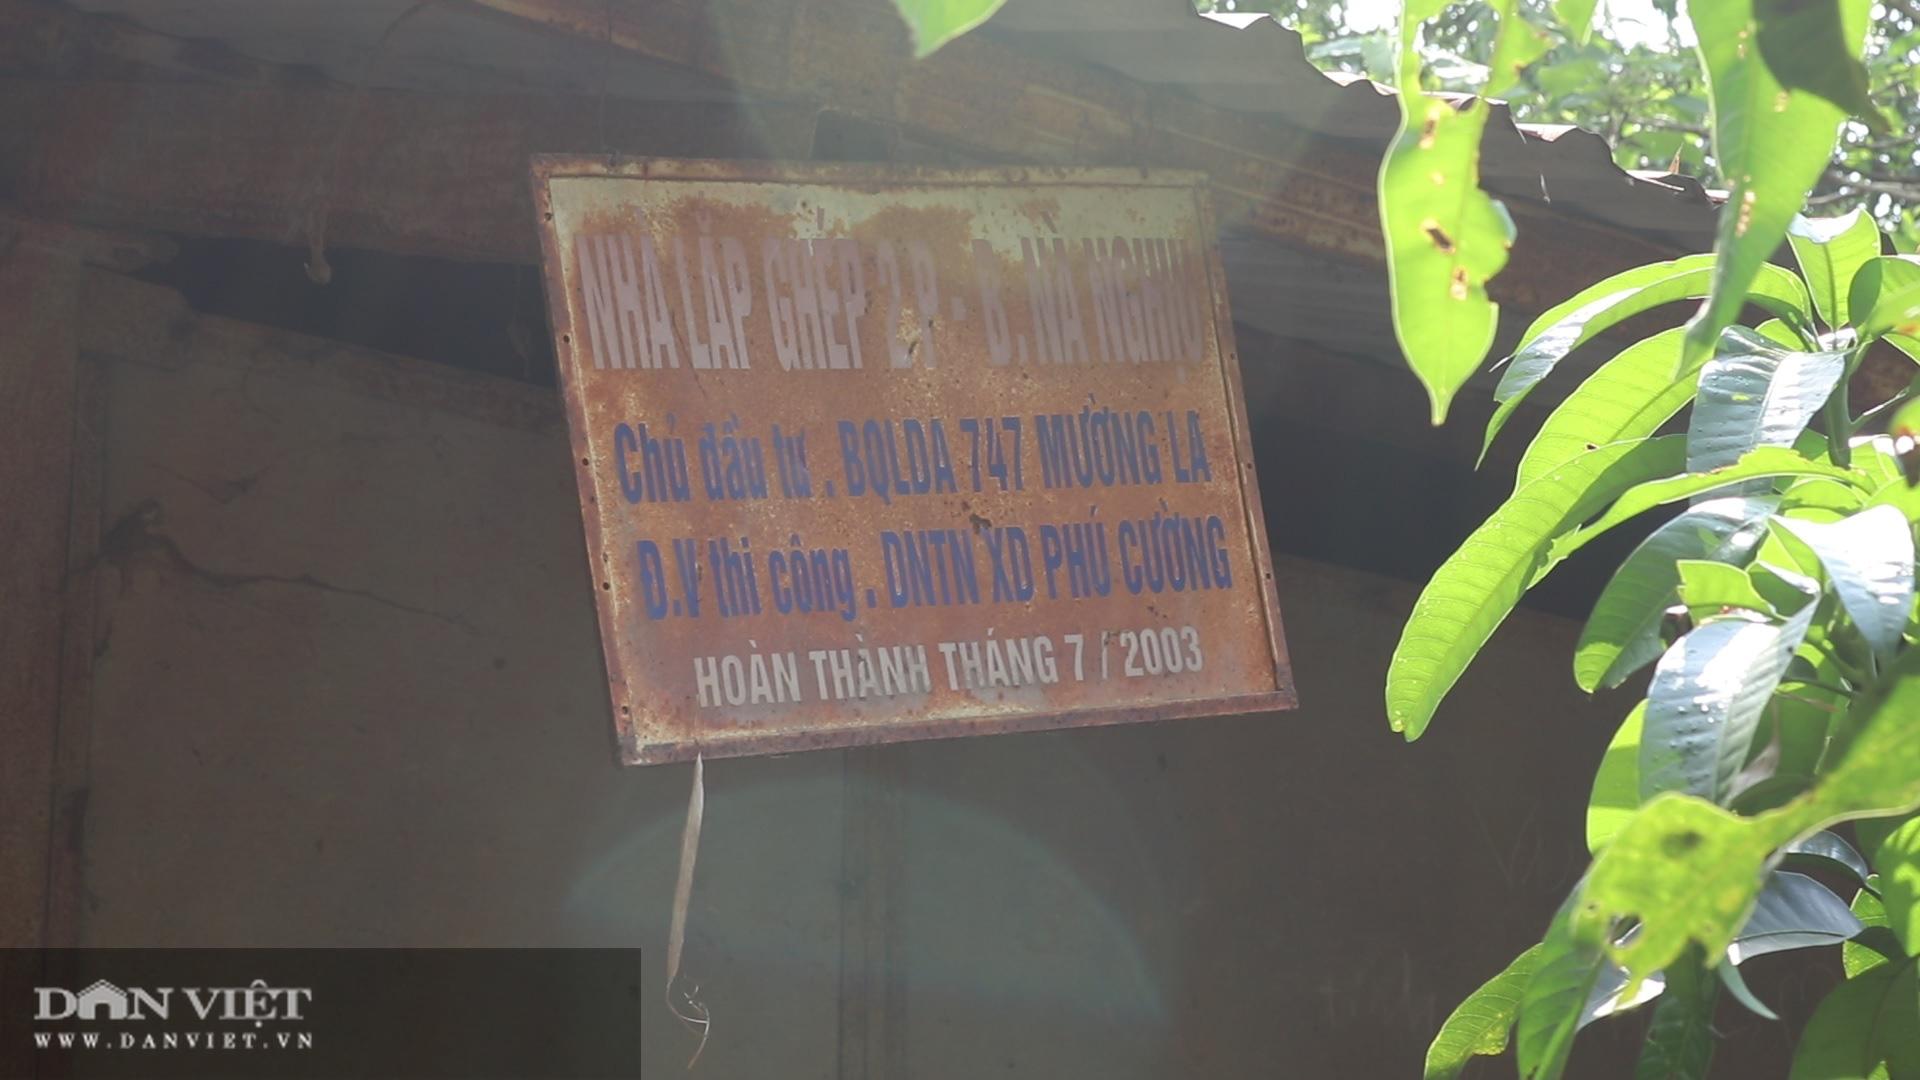 Lời gửi gắm thiết tha từ vùng di dân thuỷ điện Hoà Bình với những tấm lòng từ thiện - Ảnh 3.